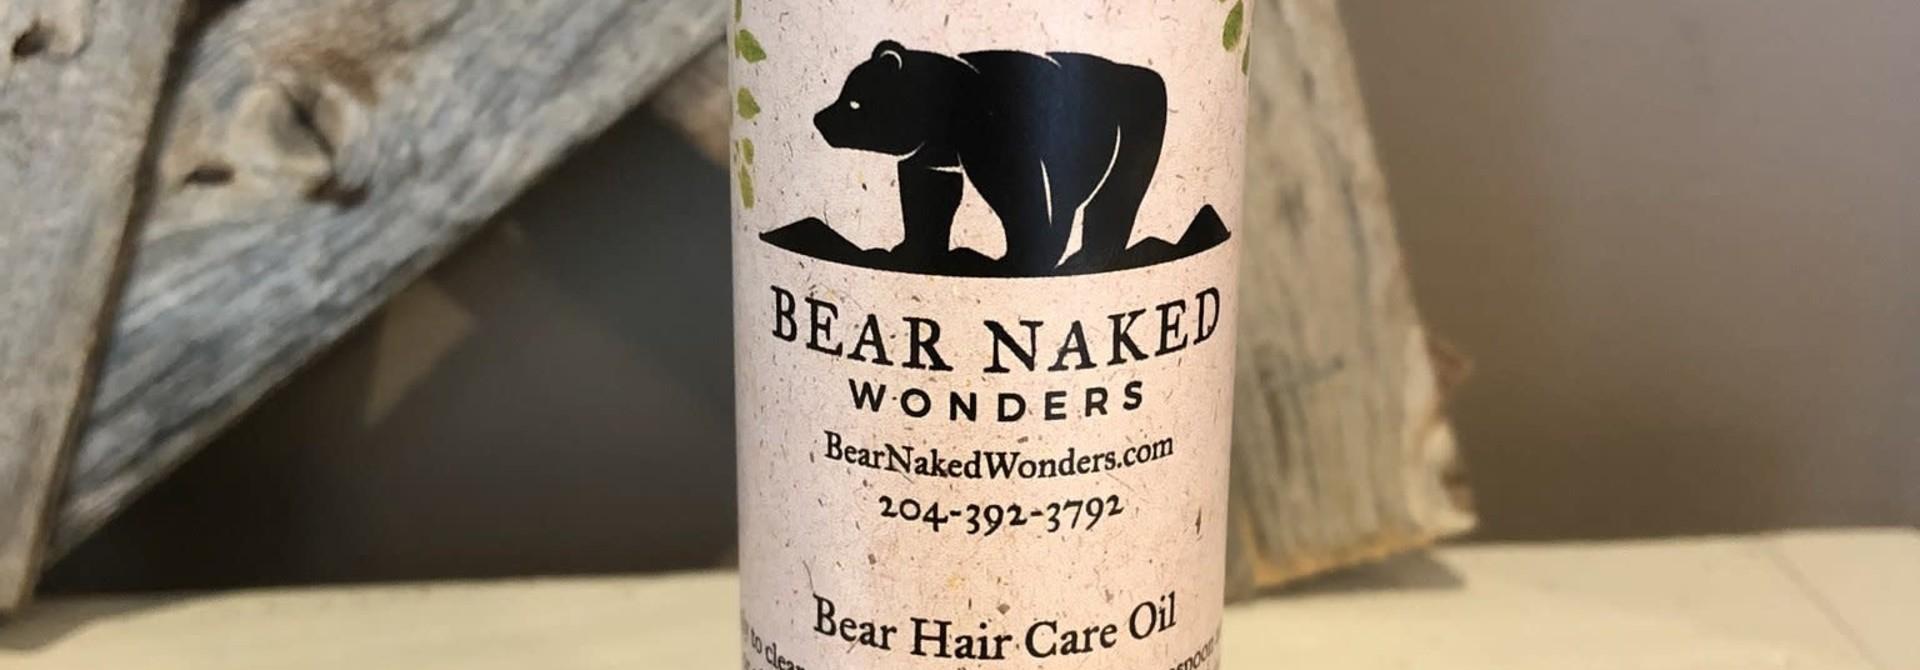 Bear Hair Care Oil